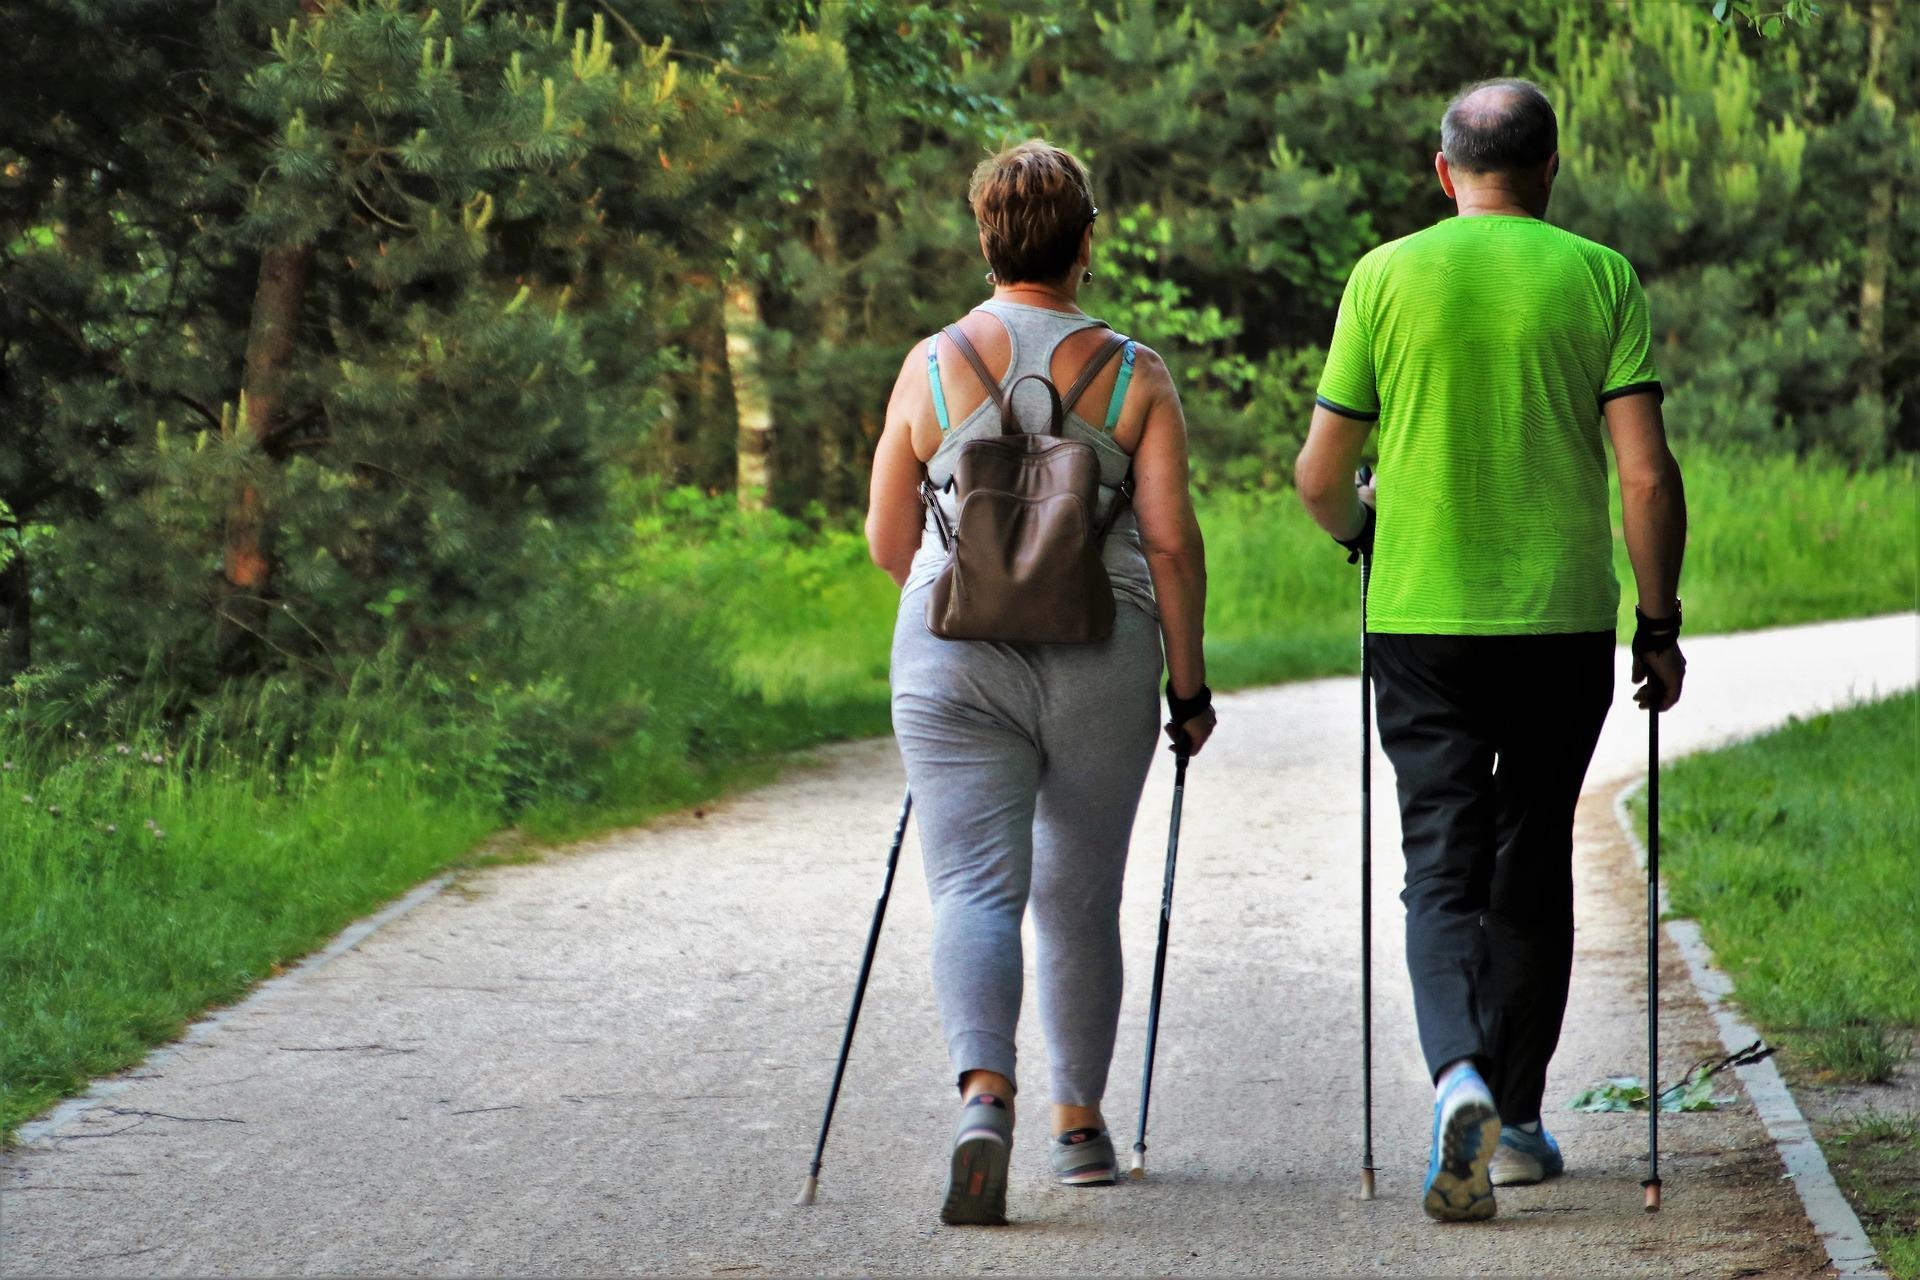 Gesundheit von aeltere menschen